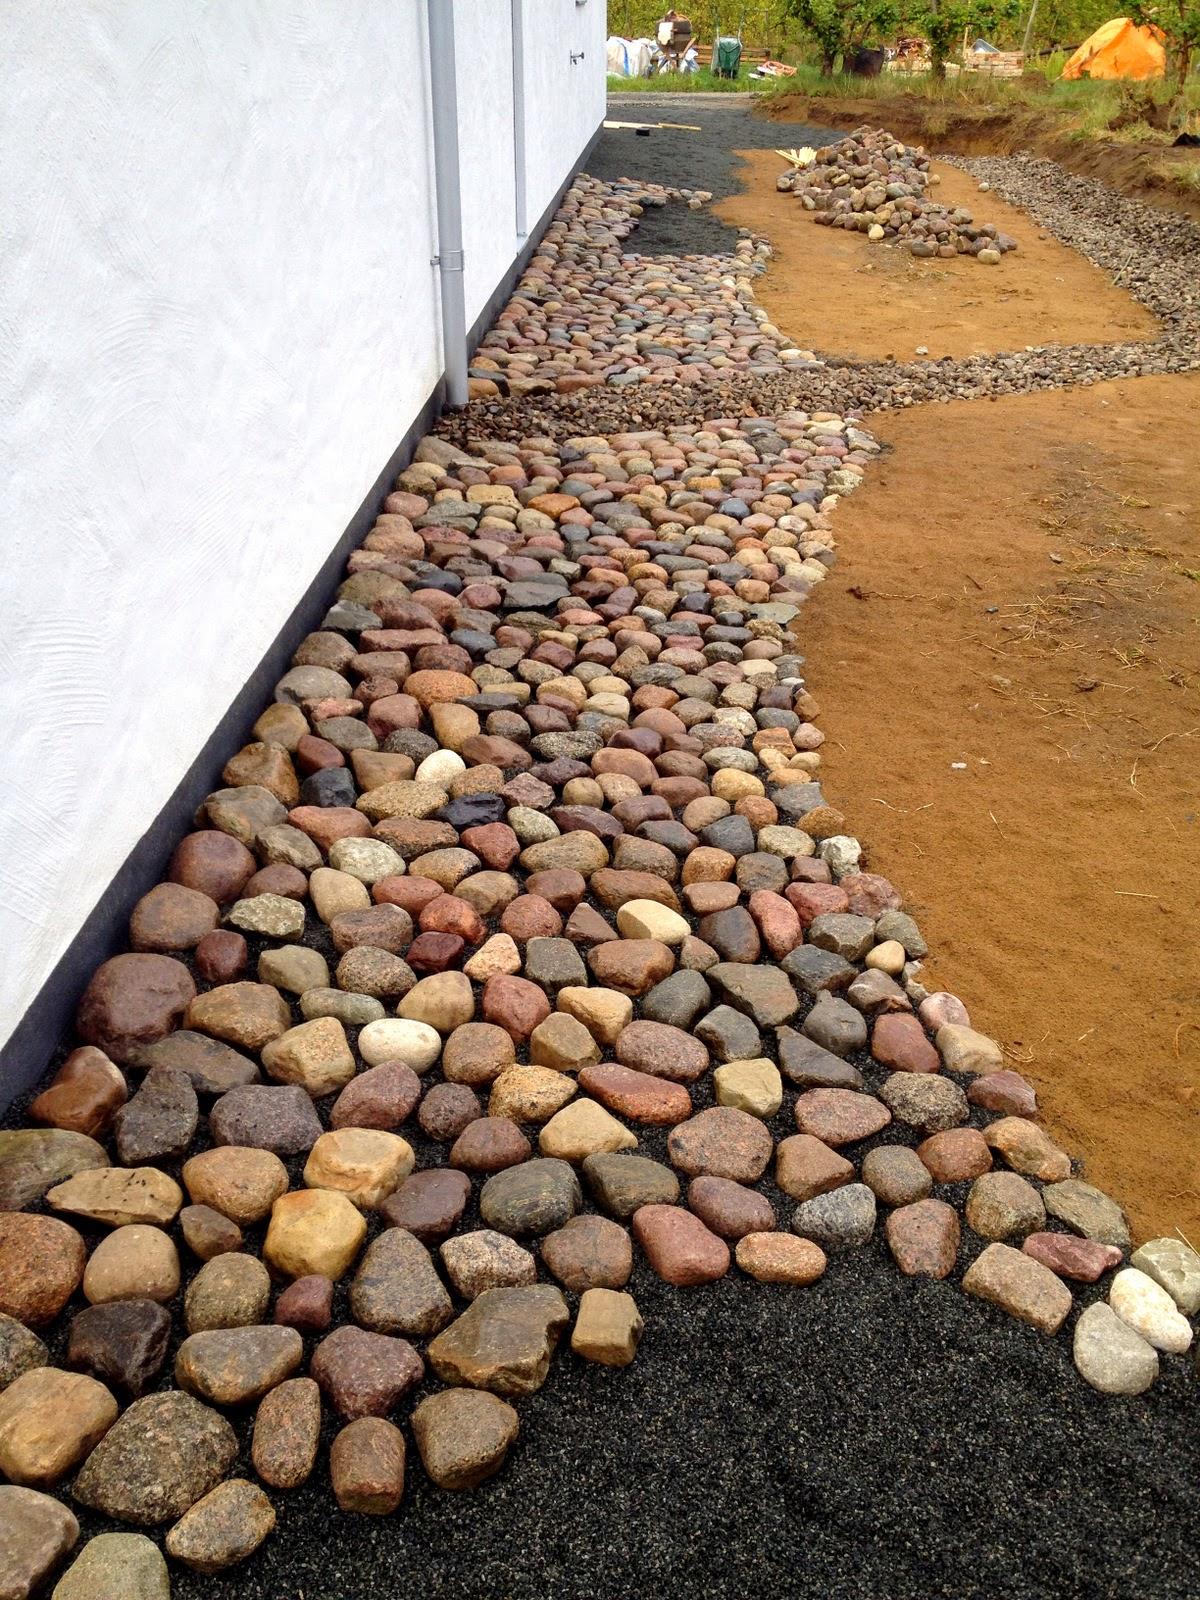 Villa Natura ekologiskt lågenergihus Österlen kullersten Bergsjöholm trädgård stenläggning